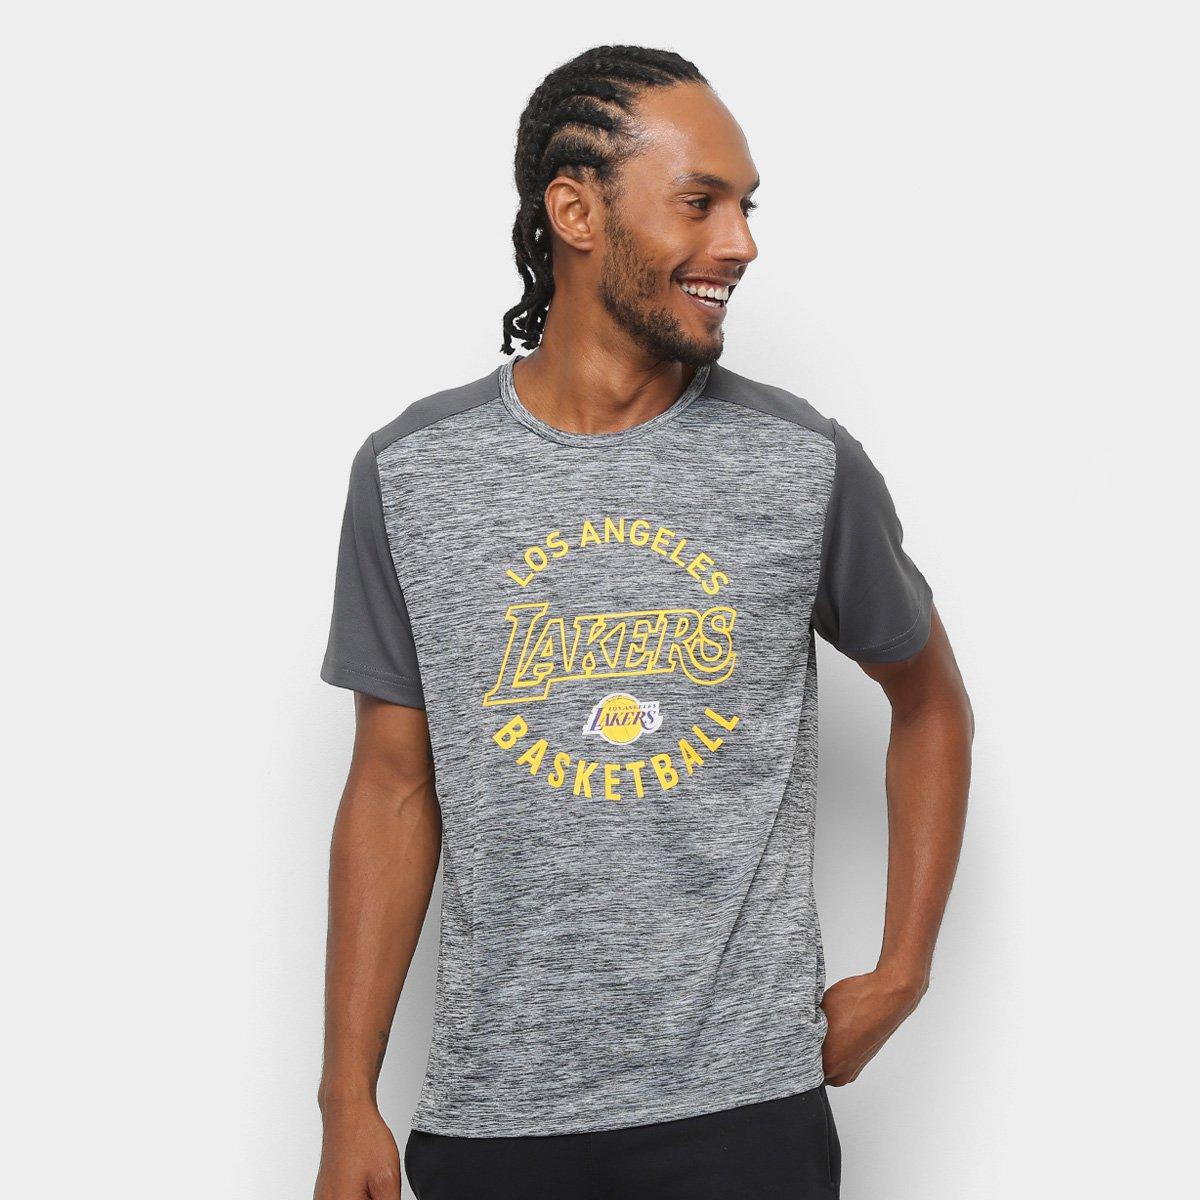 a7649ef7d Camiseta NBA Los Angeles Lakers 17 Fio Tinto Mesh Masculina - Preto e Cinza  - Compre Agora